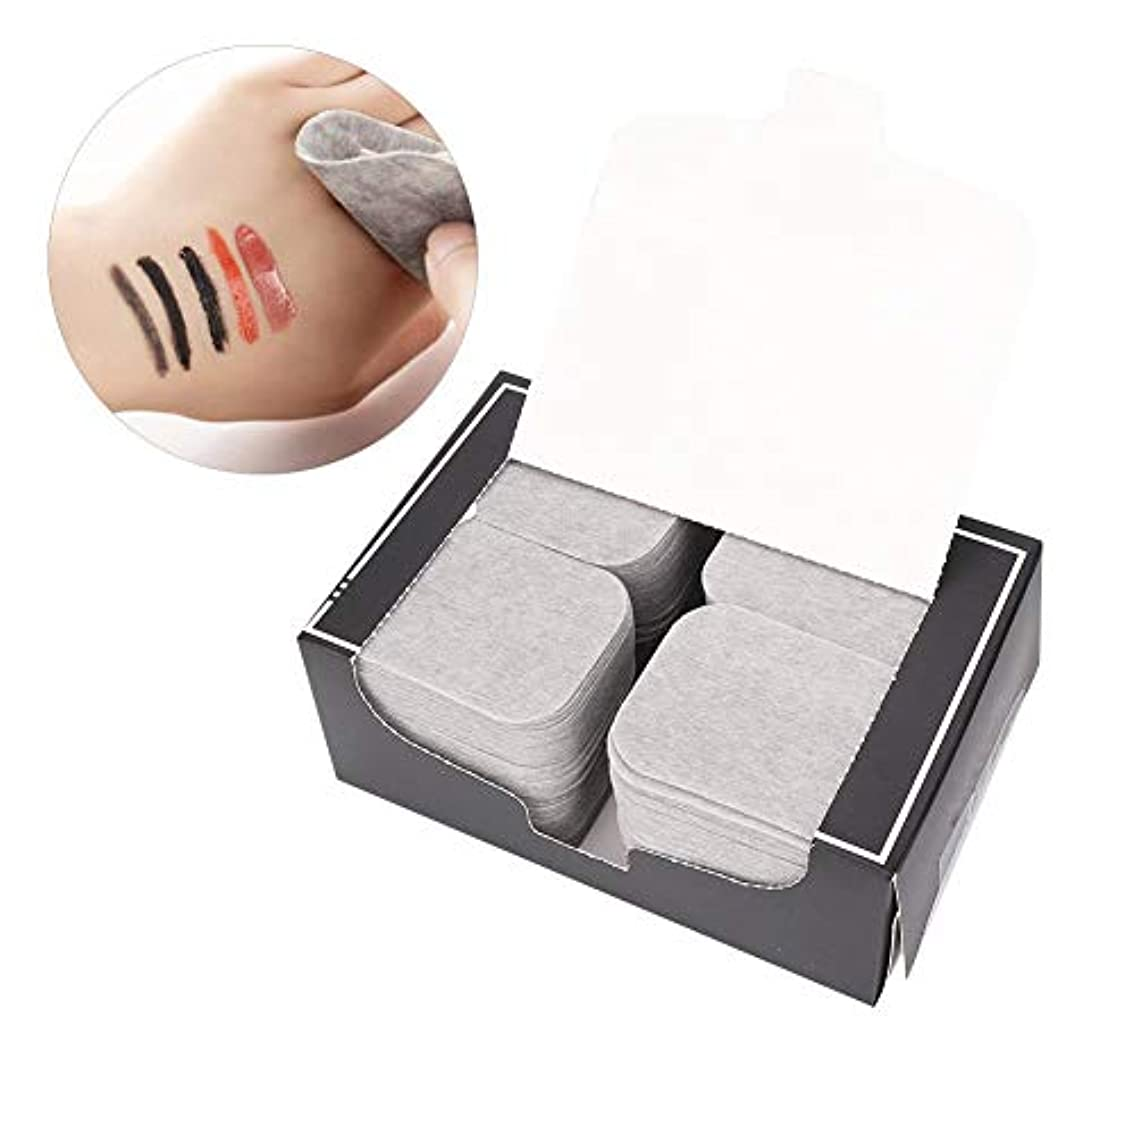 シェフエイズわずかな200ピース竹炭タオルメイクアップフェイスクレンジングパッド化粧品除去ツール